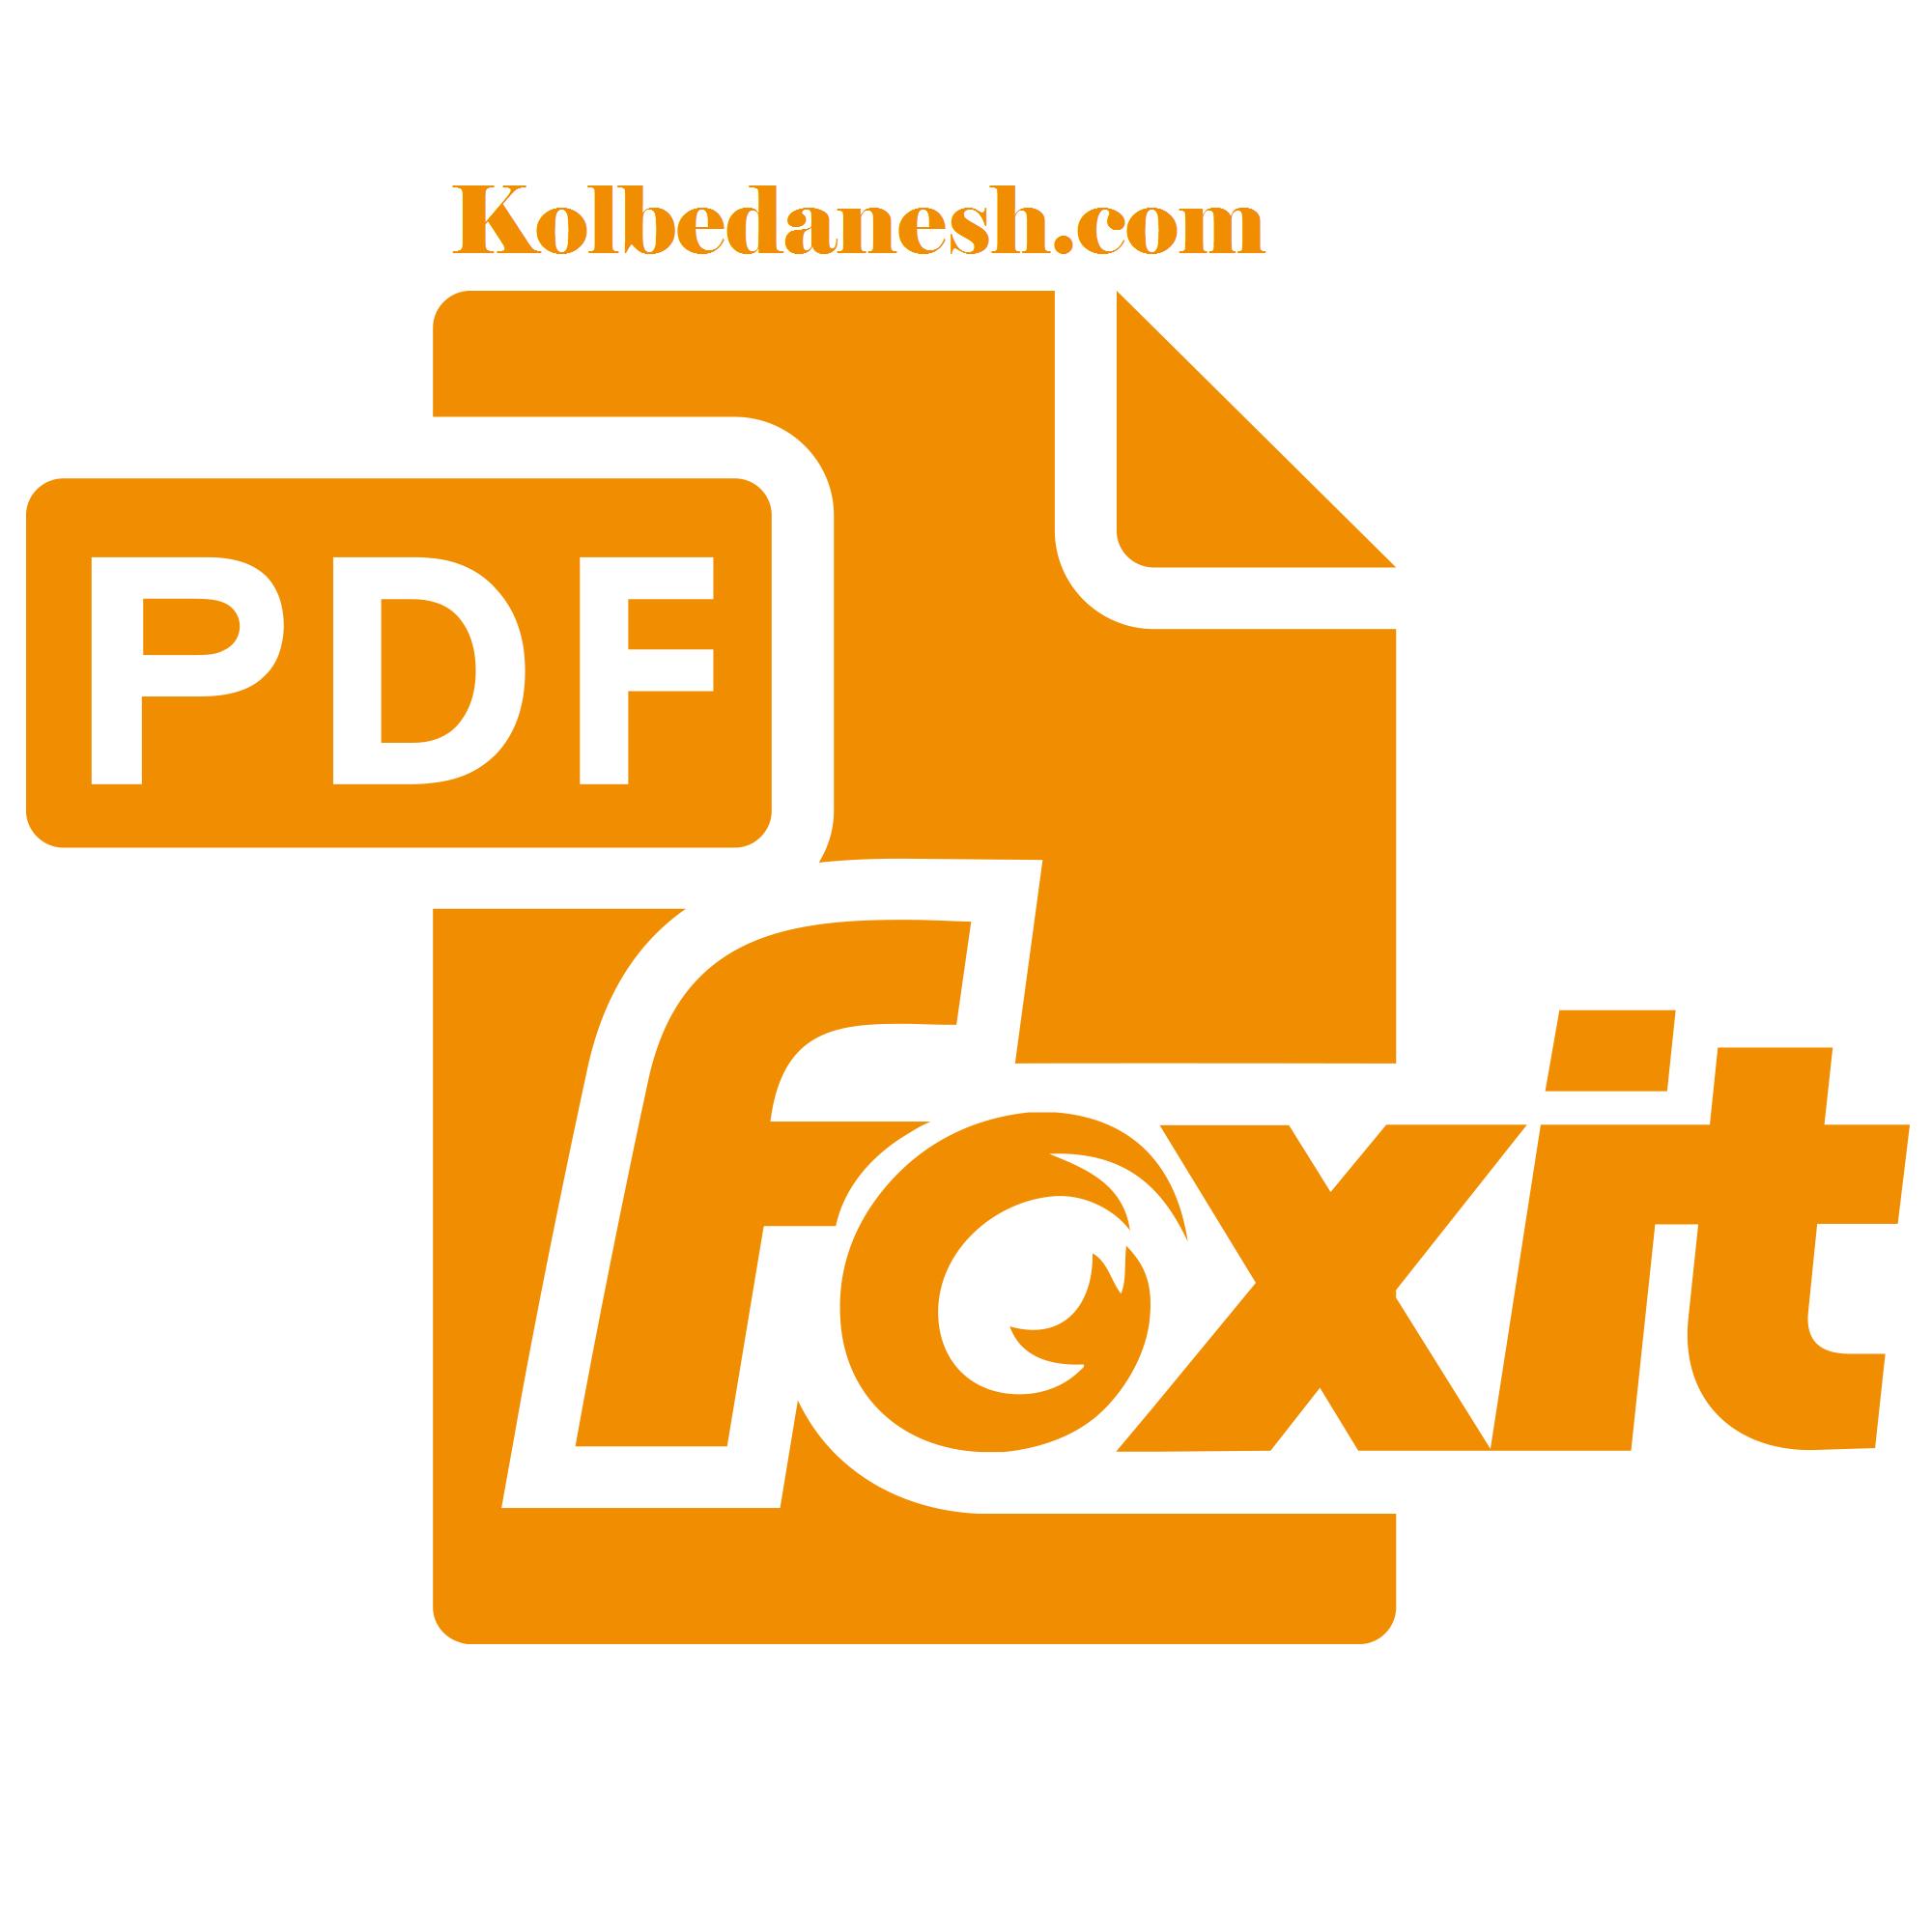 دانلود نرم افزار Foxit Reader v9.0.2.1 - برنامه خواندن سریع فایل PDF